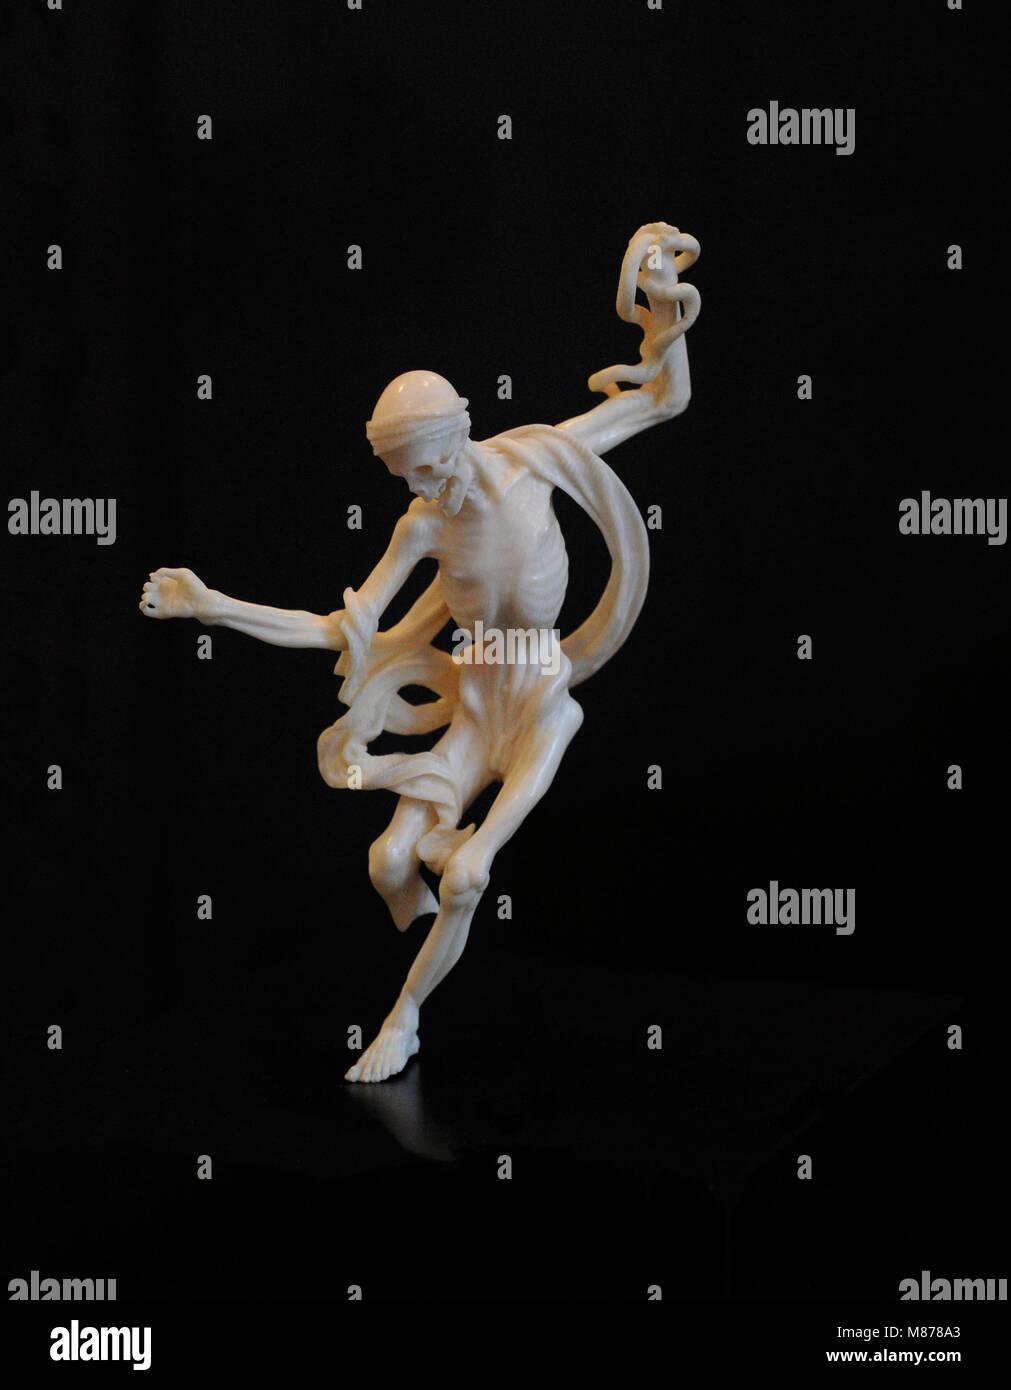 Danza Macabra. La Germania meridionale, inizio del XVIII secolo. L'avorio. Museo Schnütgen. Colonia, Germania. Immagini Stock